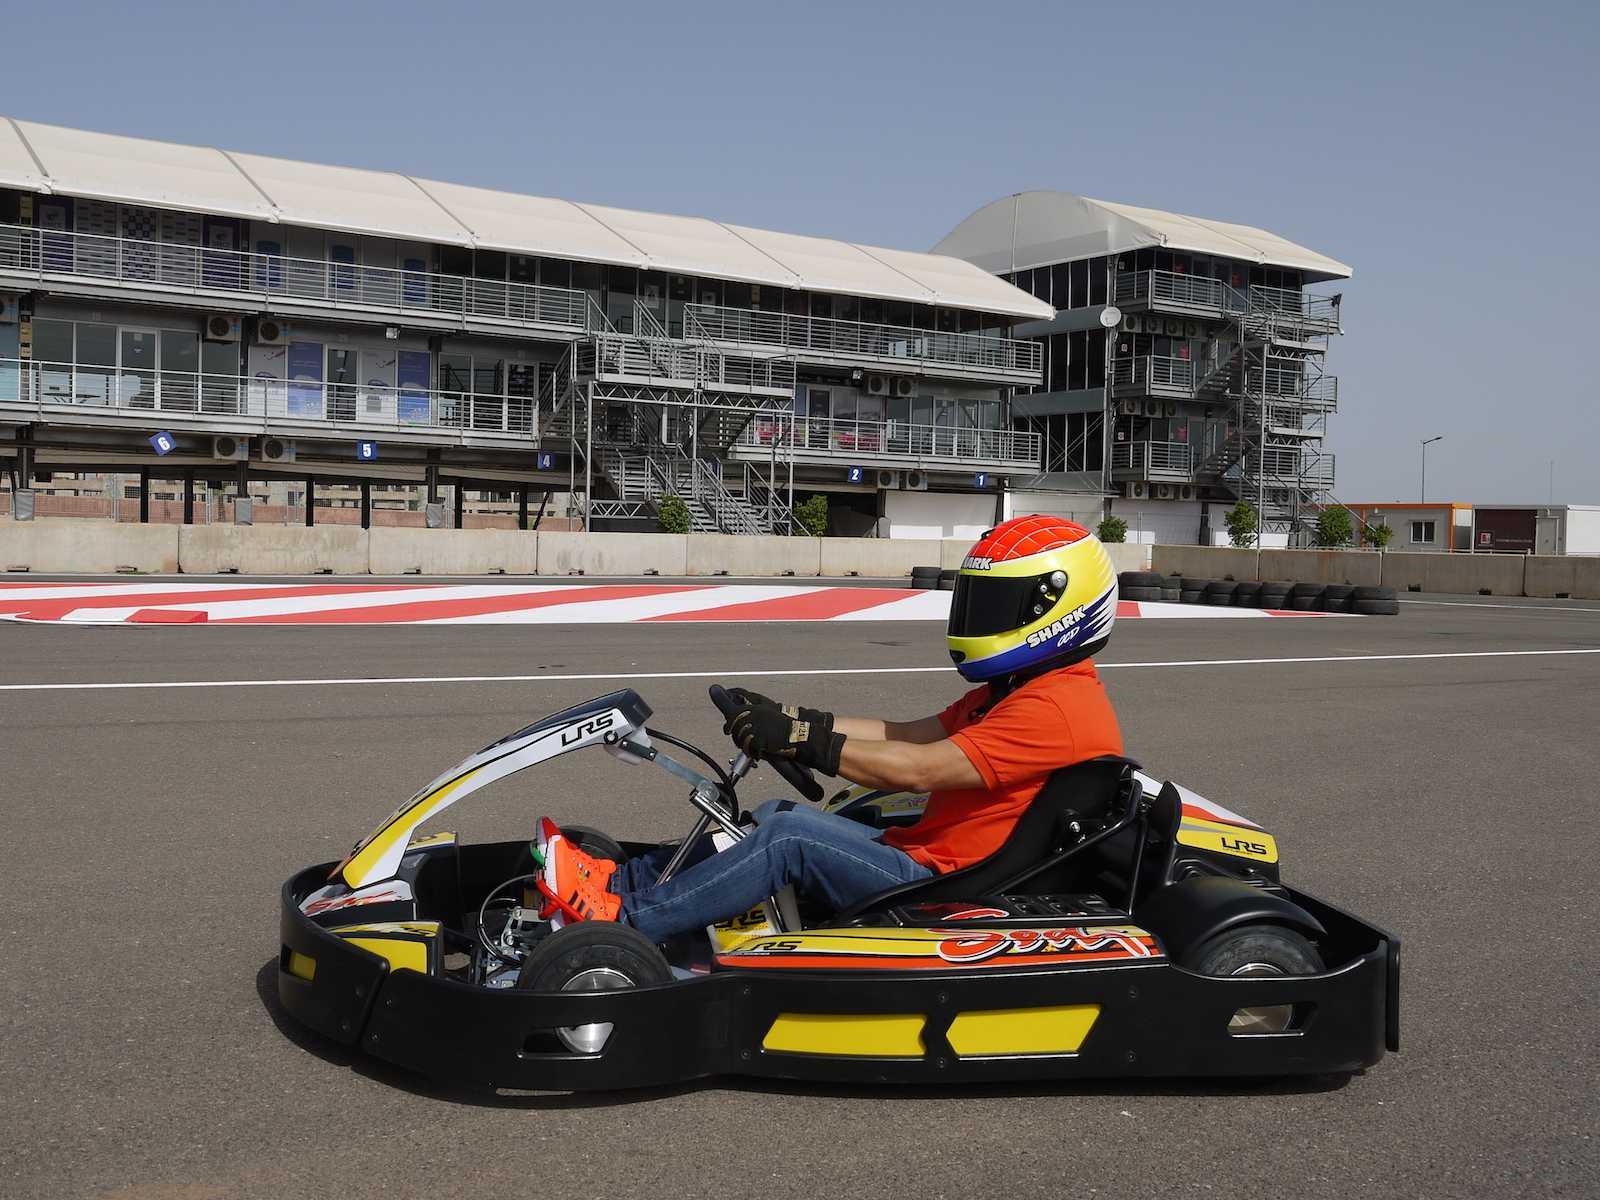 Marrakech Kart Racing : du karting en plein Marrakech !